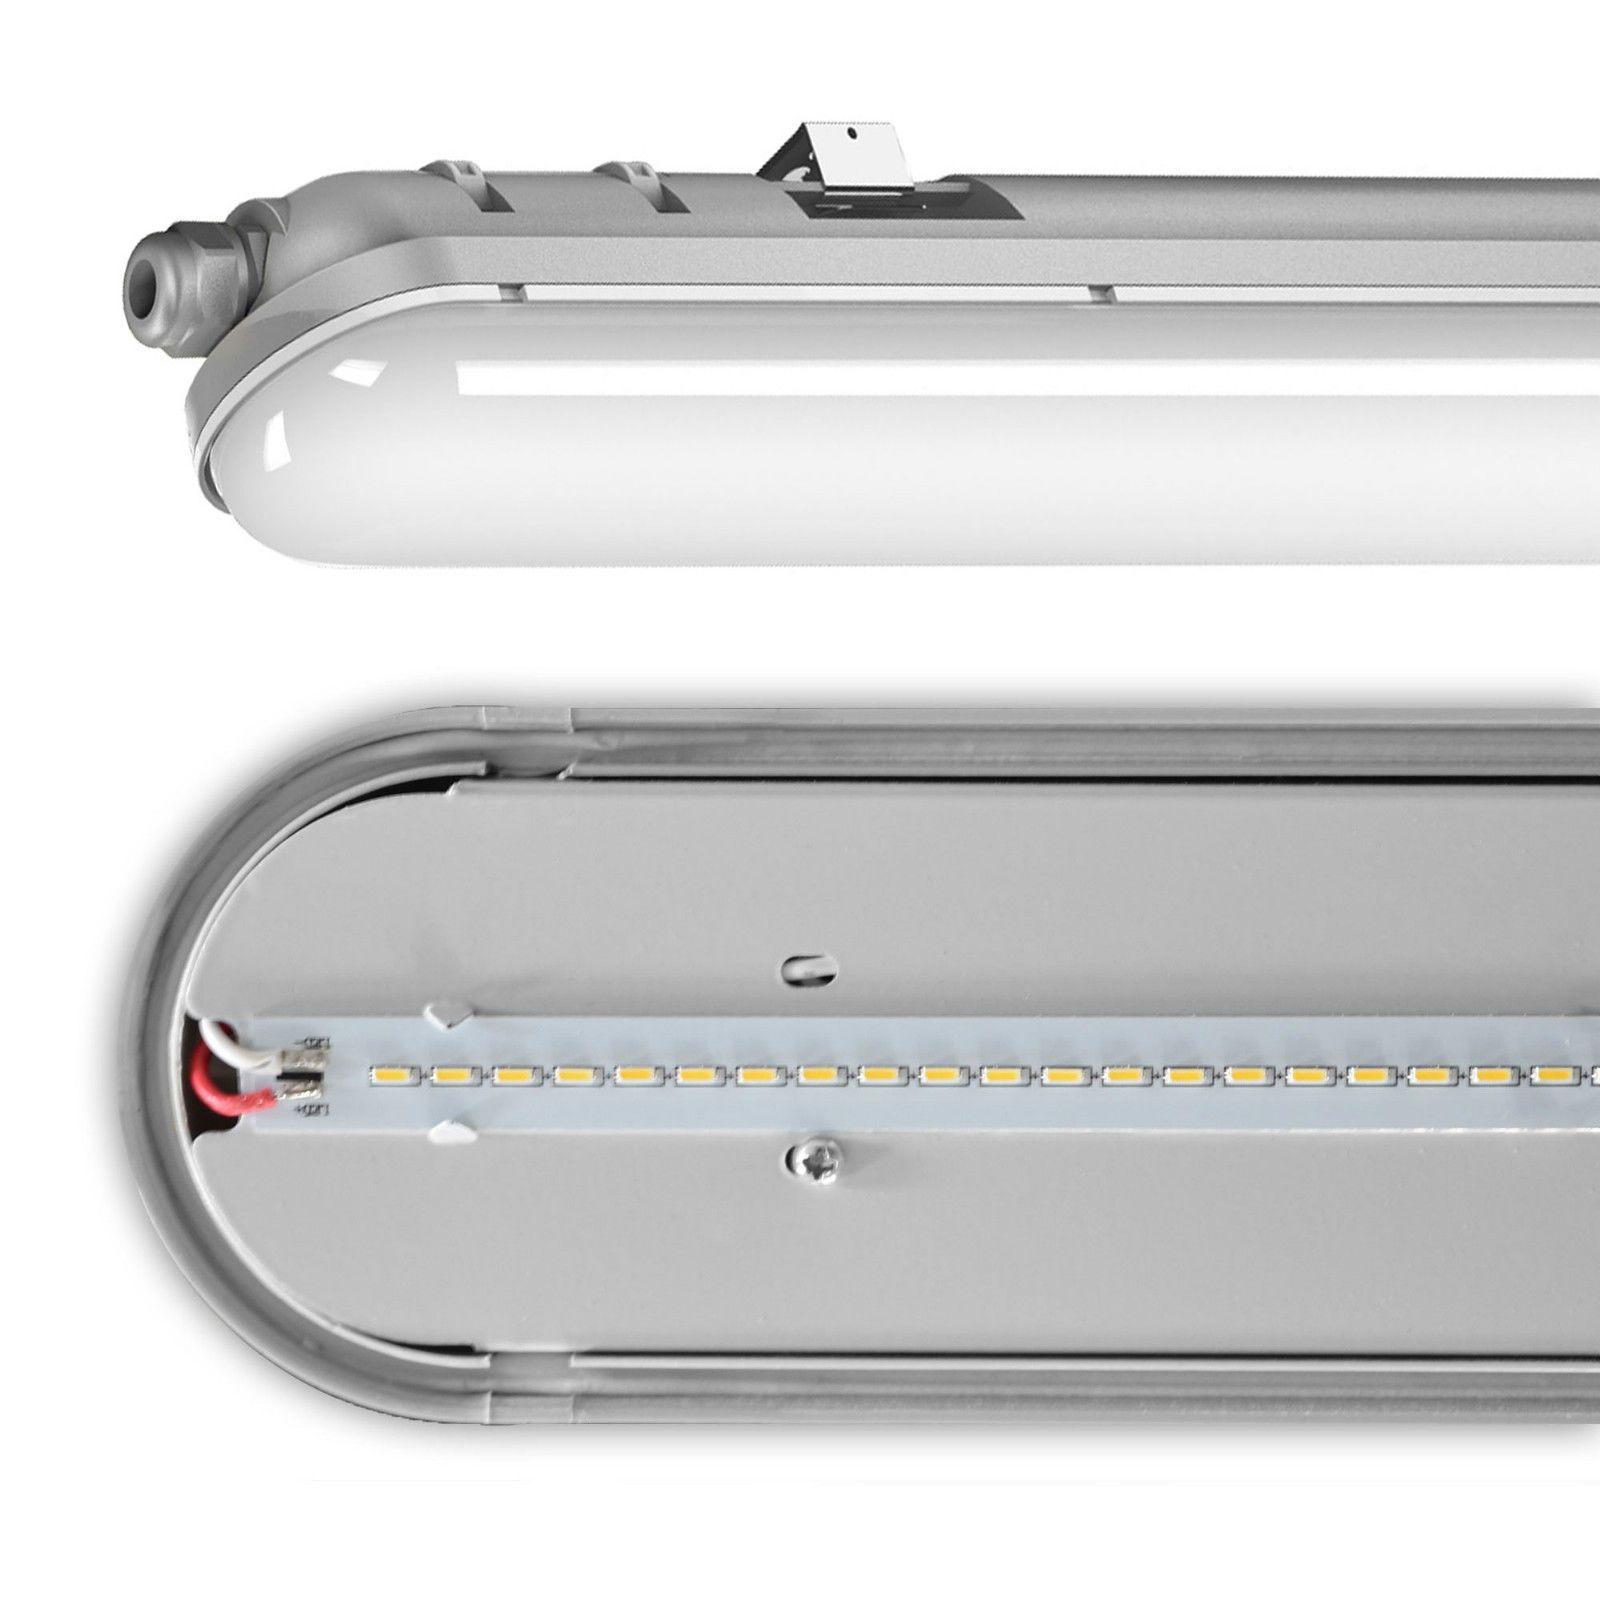 Details zu Wannenleuchte LED Wannenlampe Hallenleuchte Industrie ...